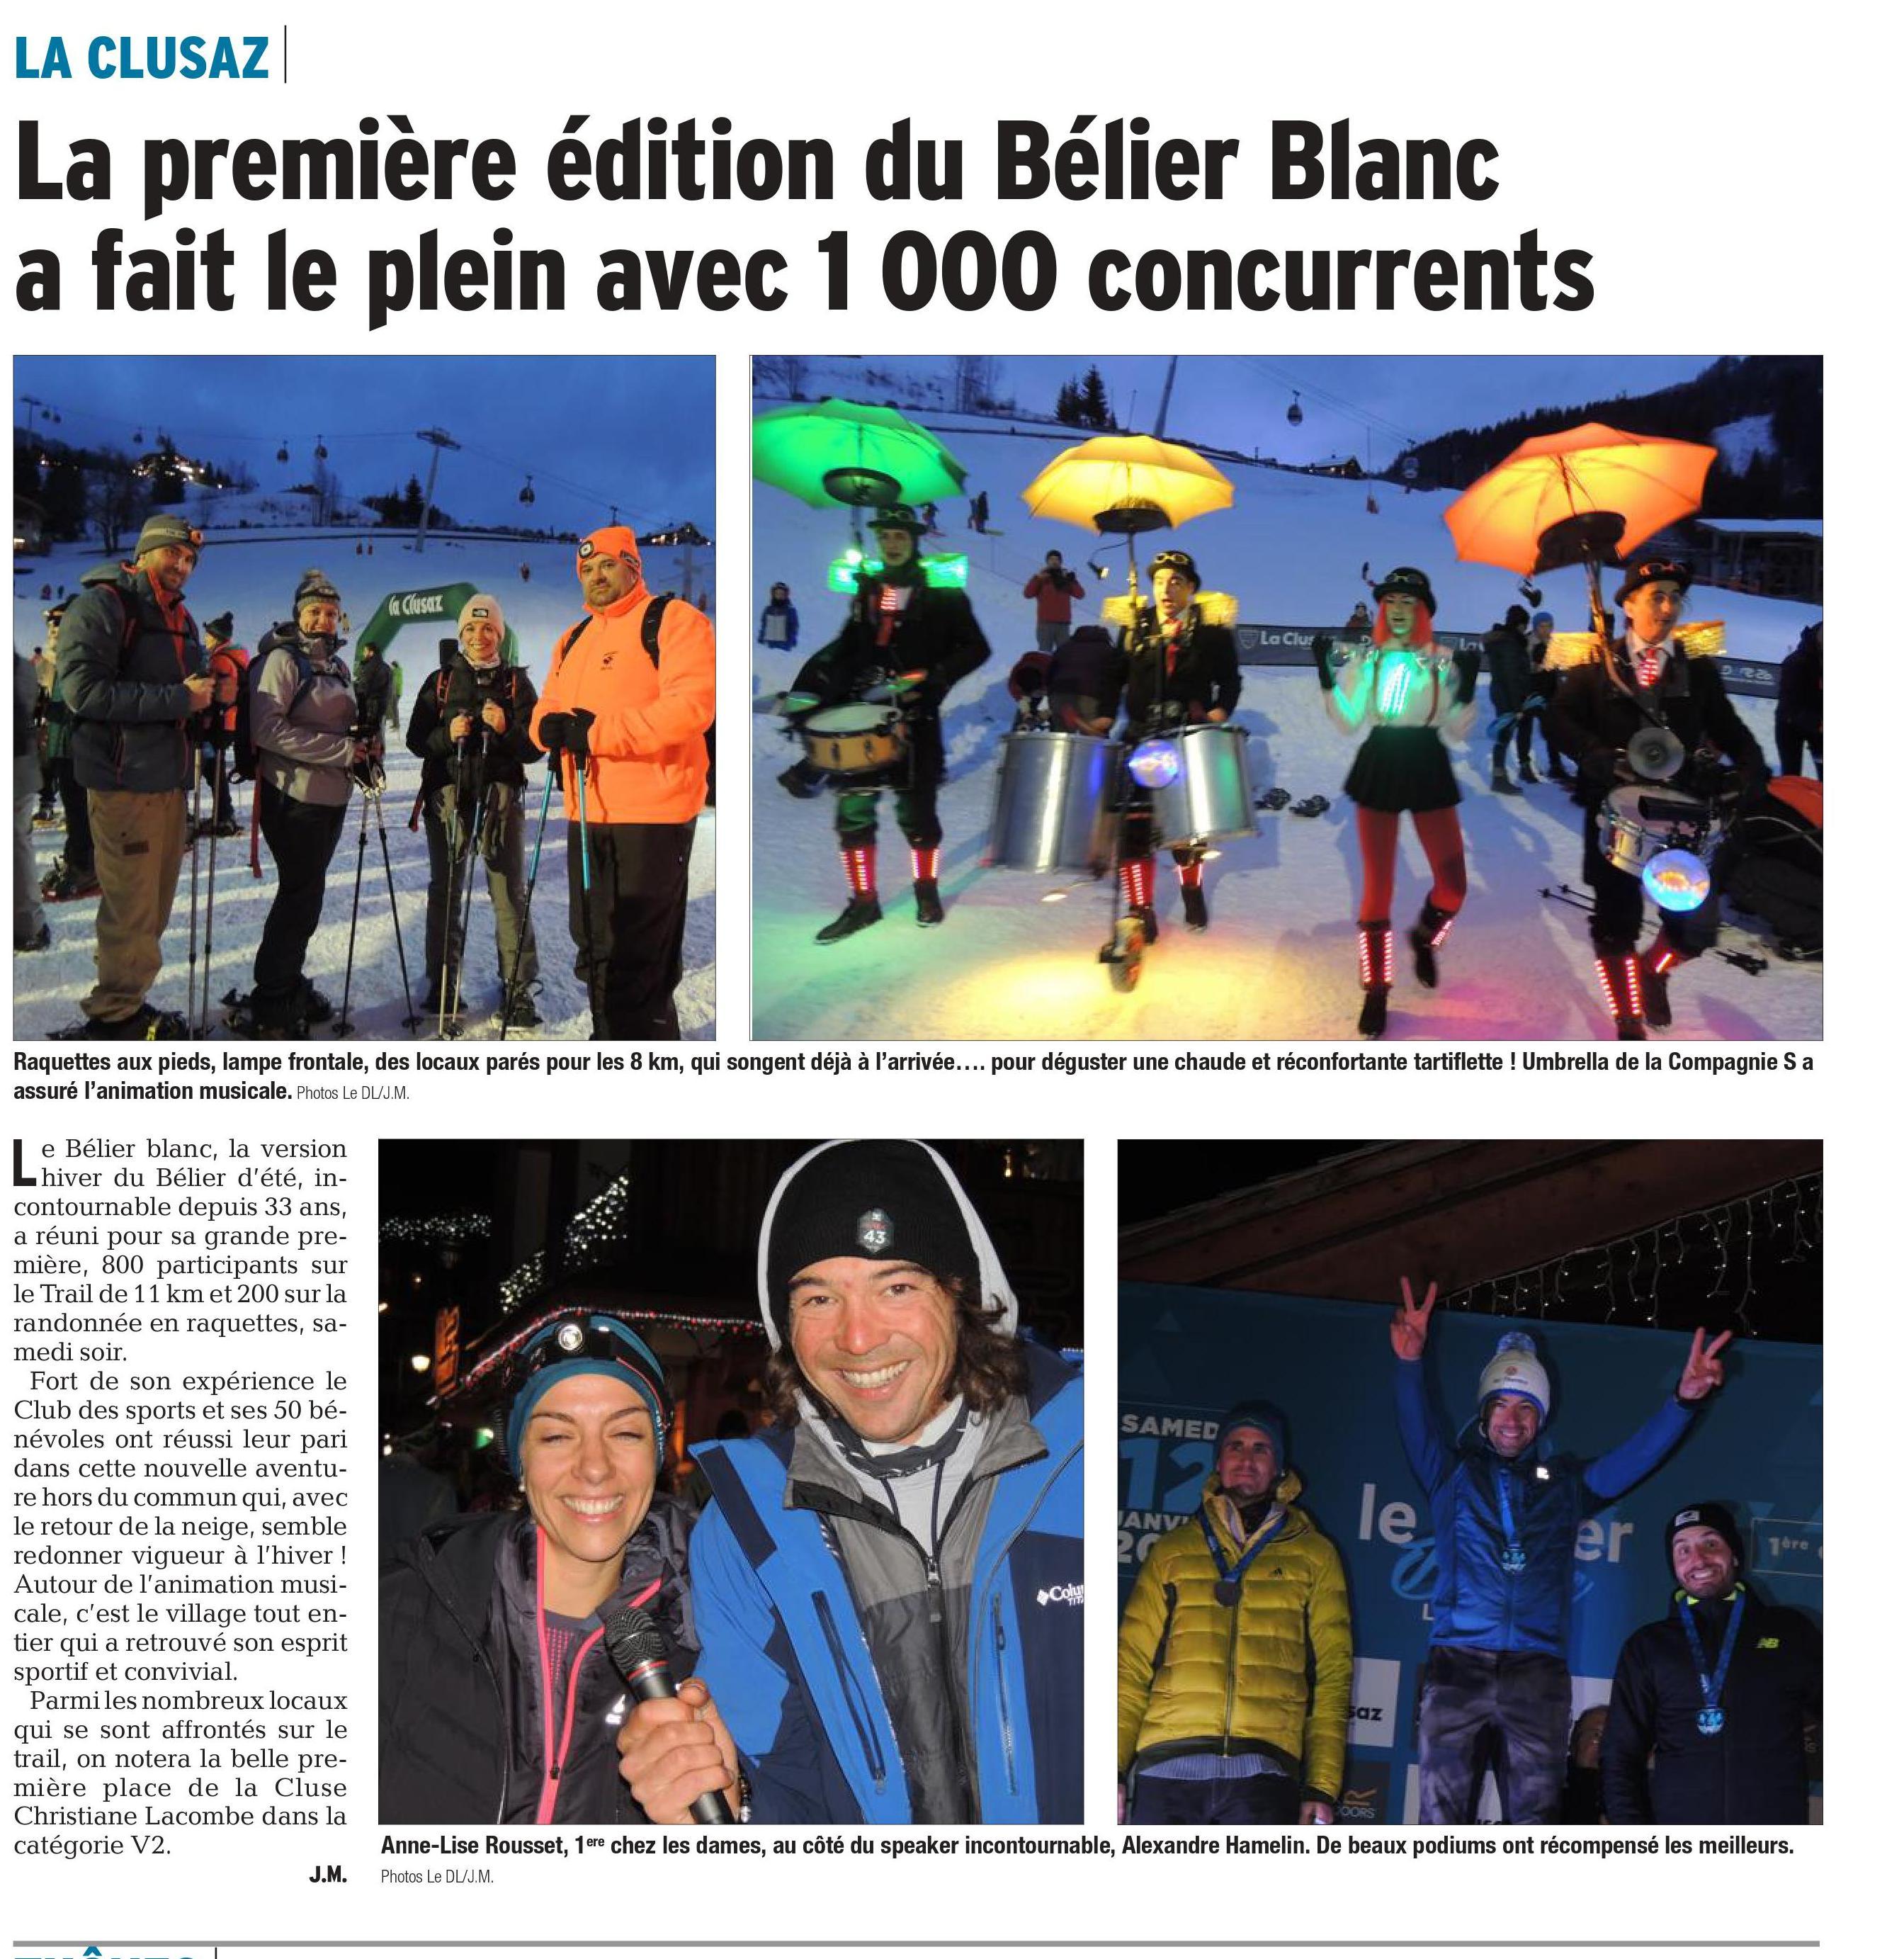 """0001 - SYLVAIN COURT S'IMPOSE SUR LE TRAIL """"BELIER BLANC"""" 12/01/2019 (LA CLUSAZ 74)"""